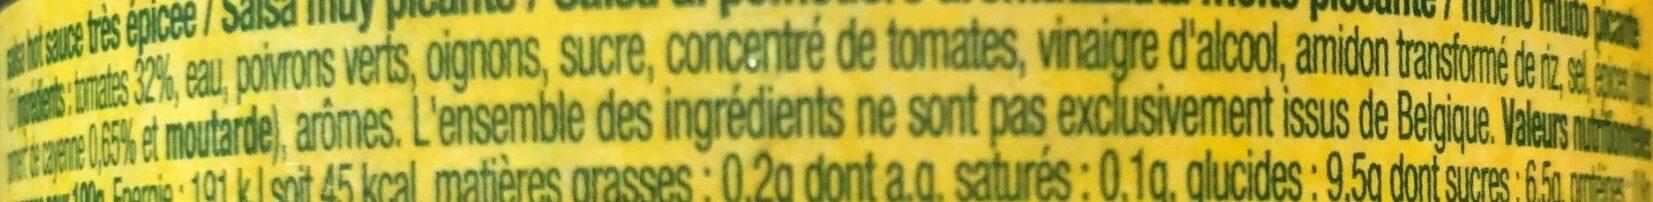 Salsa hot - Ingrédients - fr